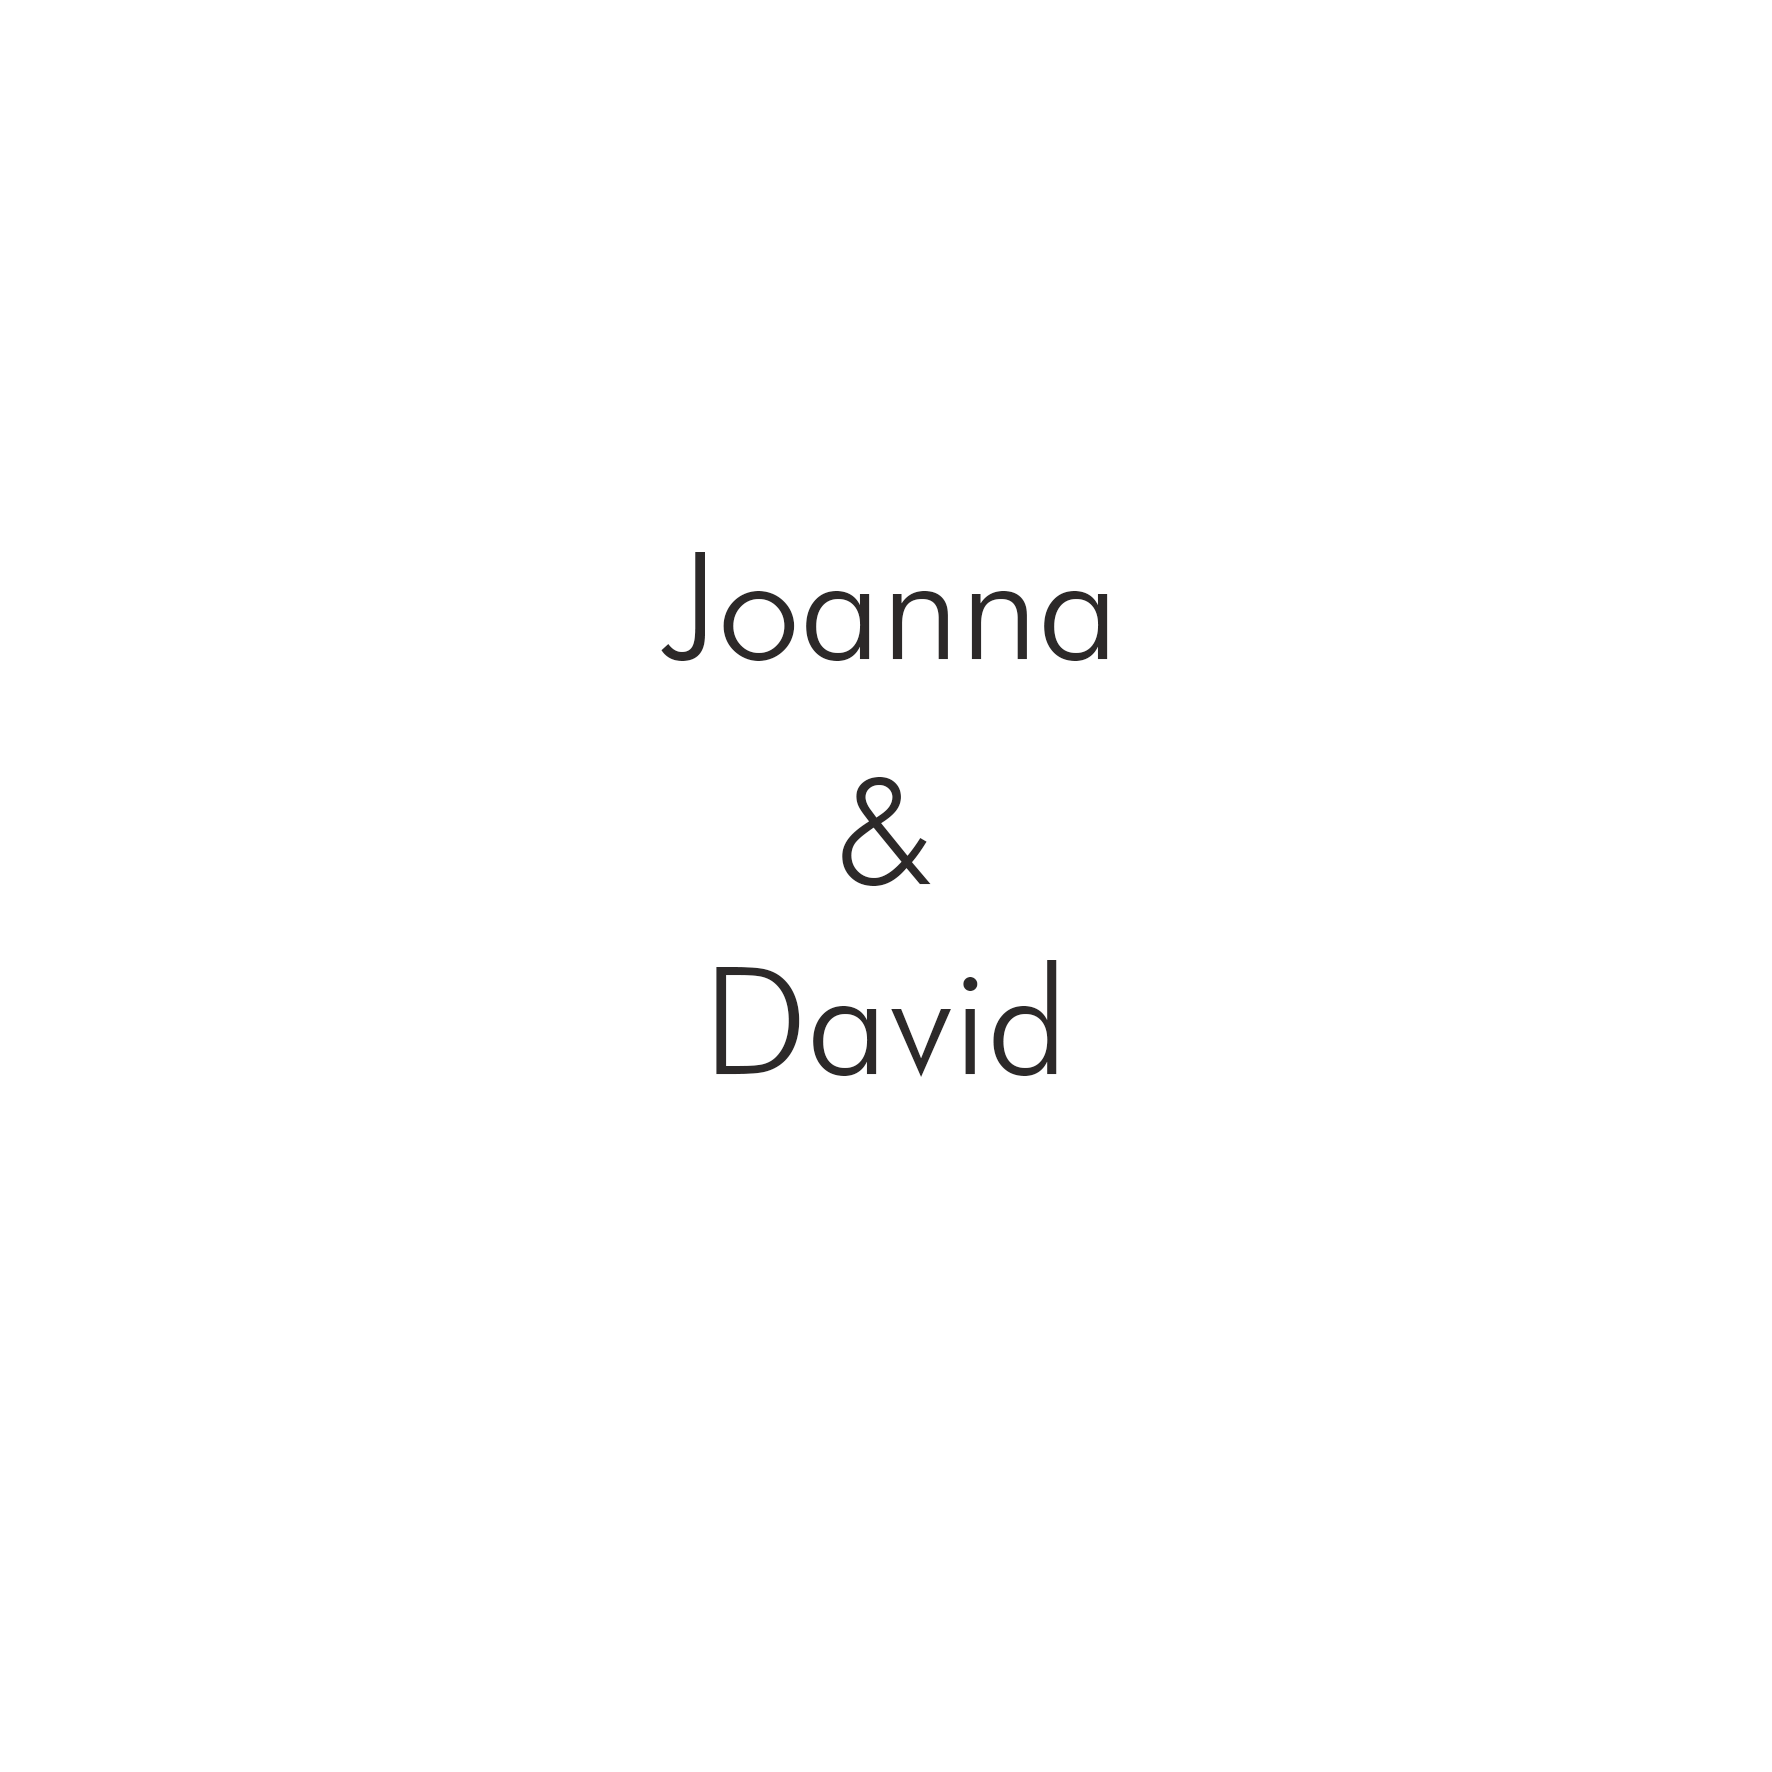 Joanna & David.png